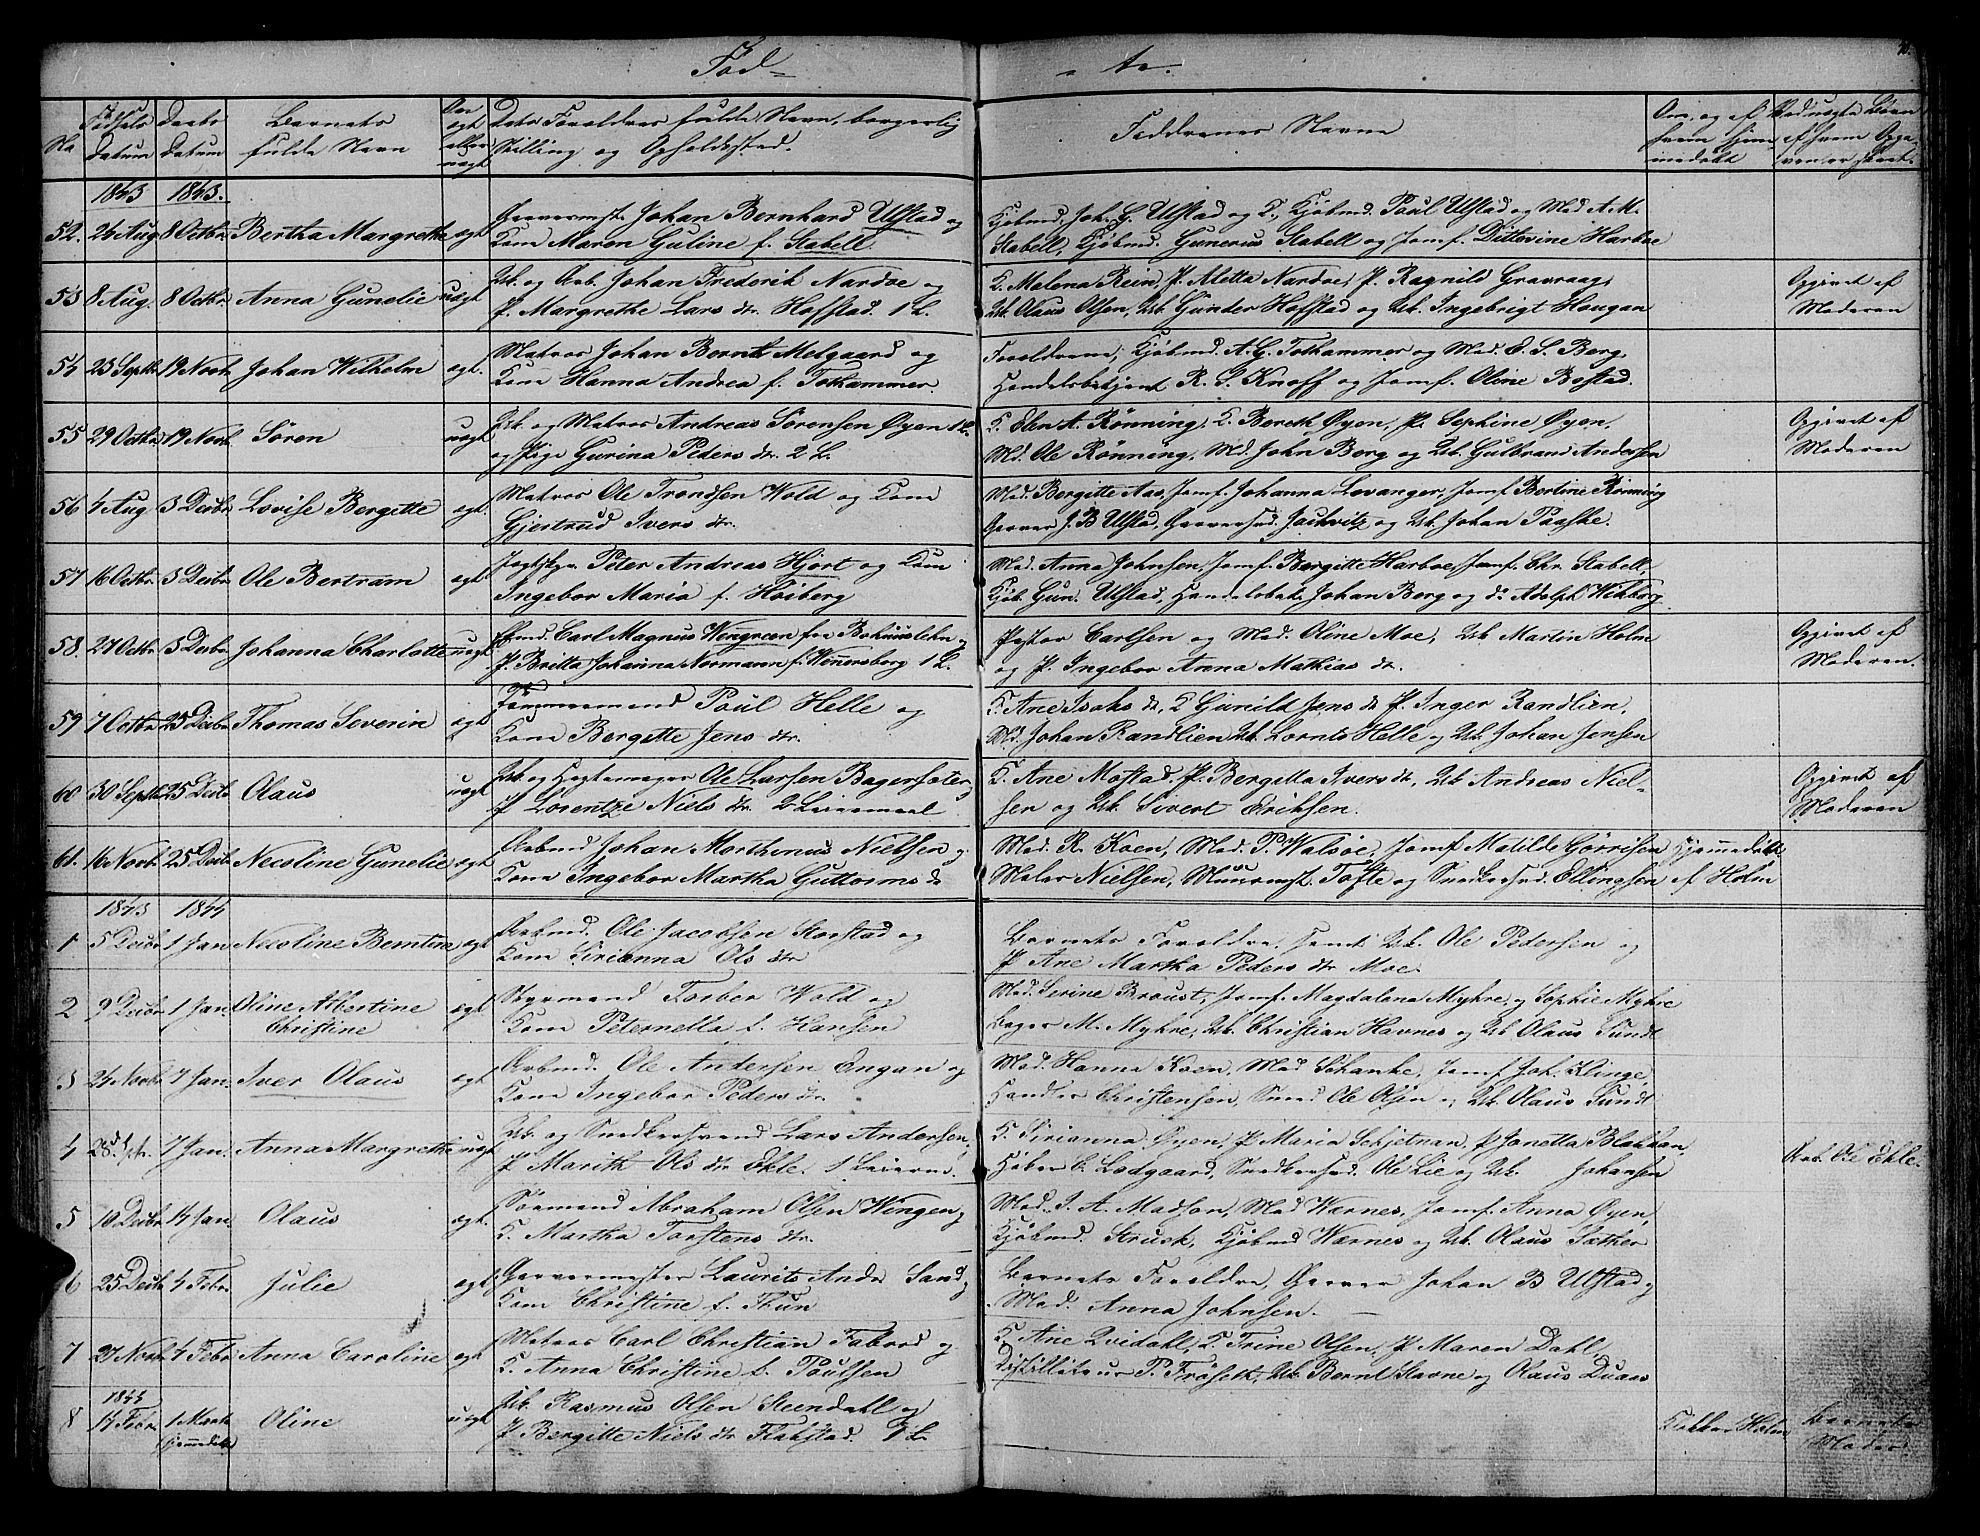 SAT, Ministerialprotokoller, klokkerbøker og fødselsregistre - Sør-Trøndelag, 604/L0182: Ministerialbok nr. 604A03, 1818-1850, s. 40